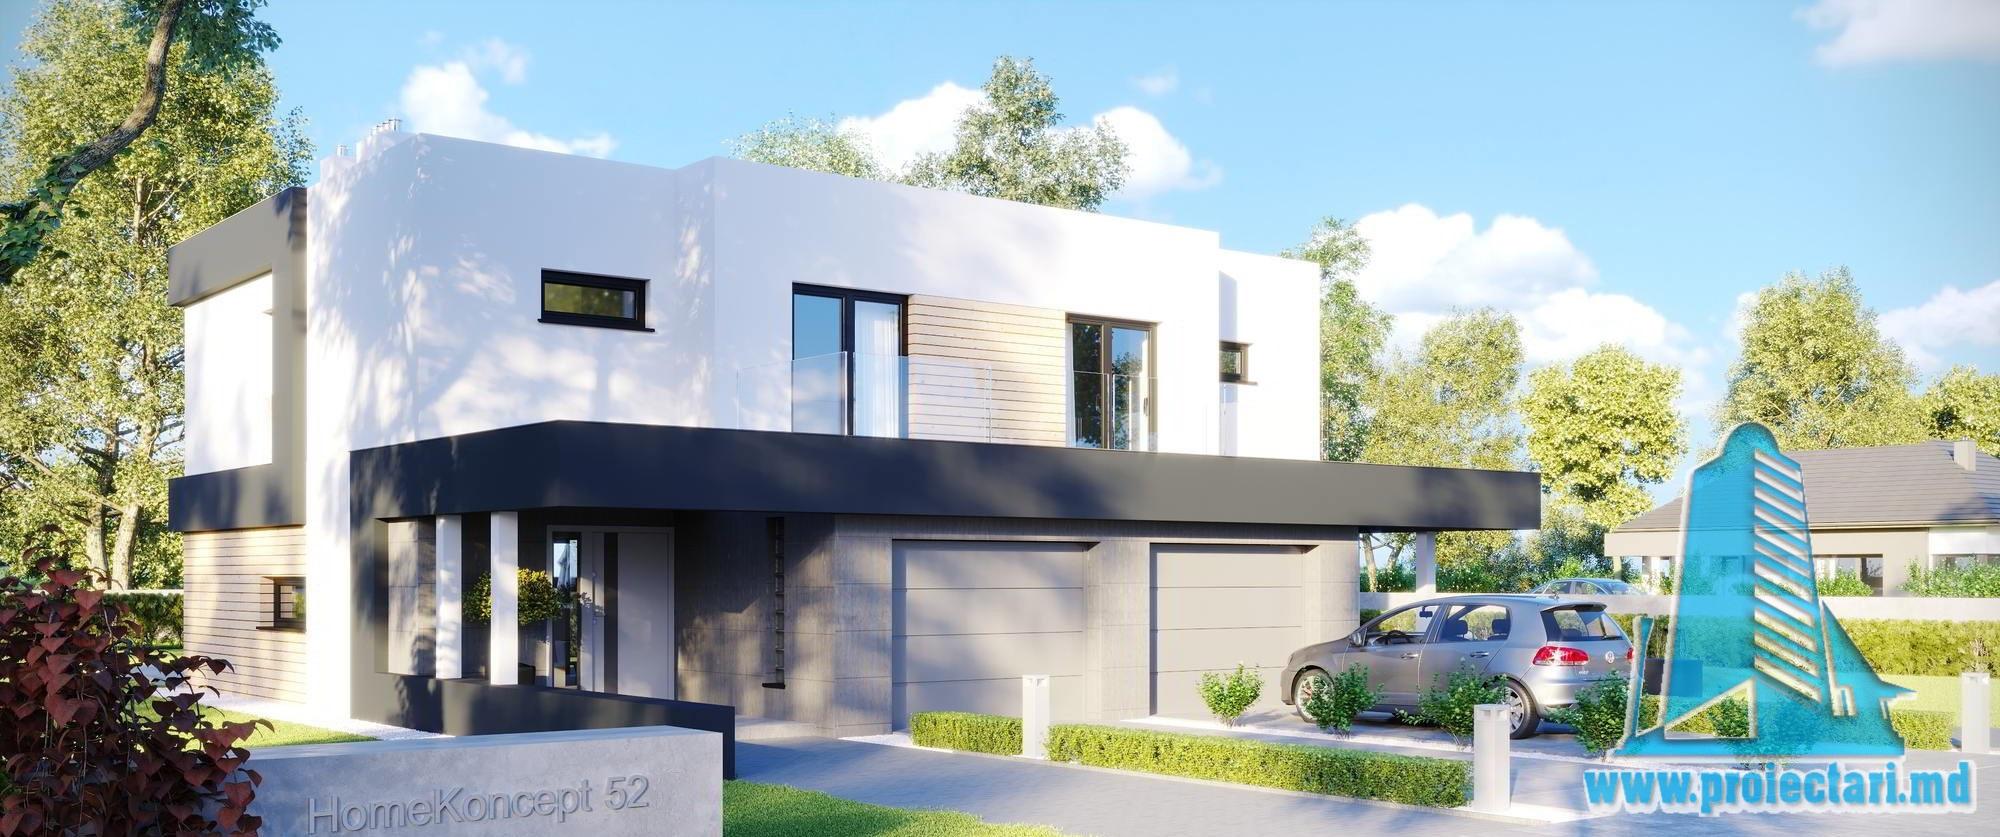 Casa duplex cu parter, etaj si garaj pentru un automobil-154-101014